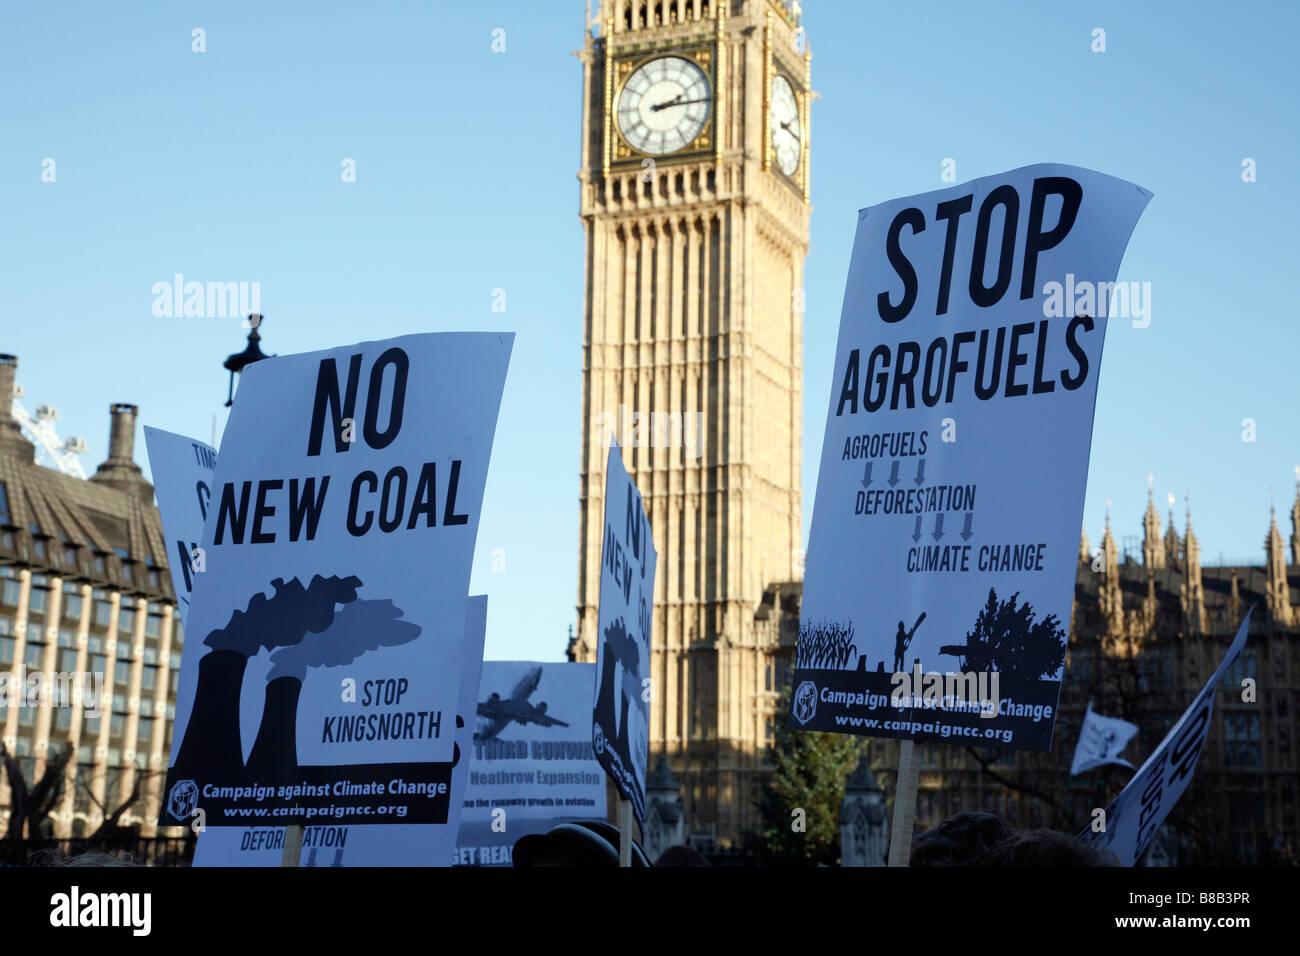 Campaña contra el Cambio Climático, clima nacional de marzo en Londres el 6 de diciembre de 2008. Imagen De Stock